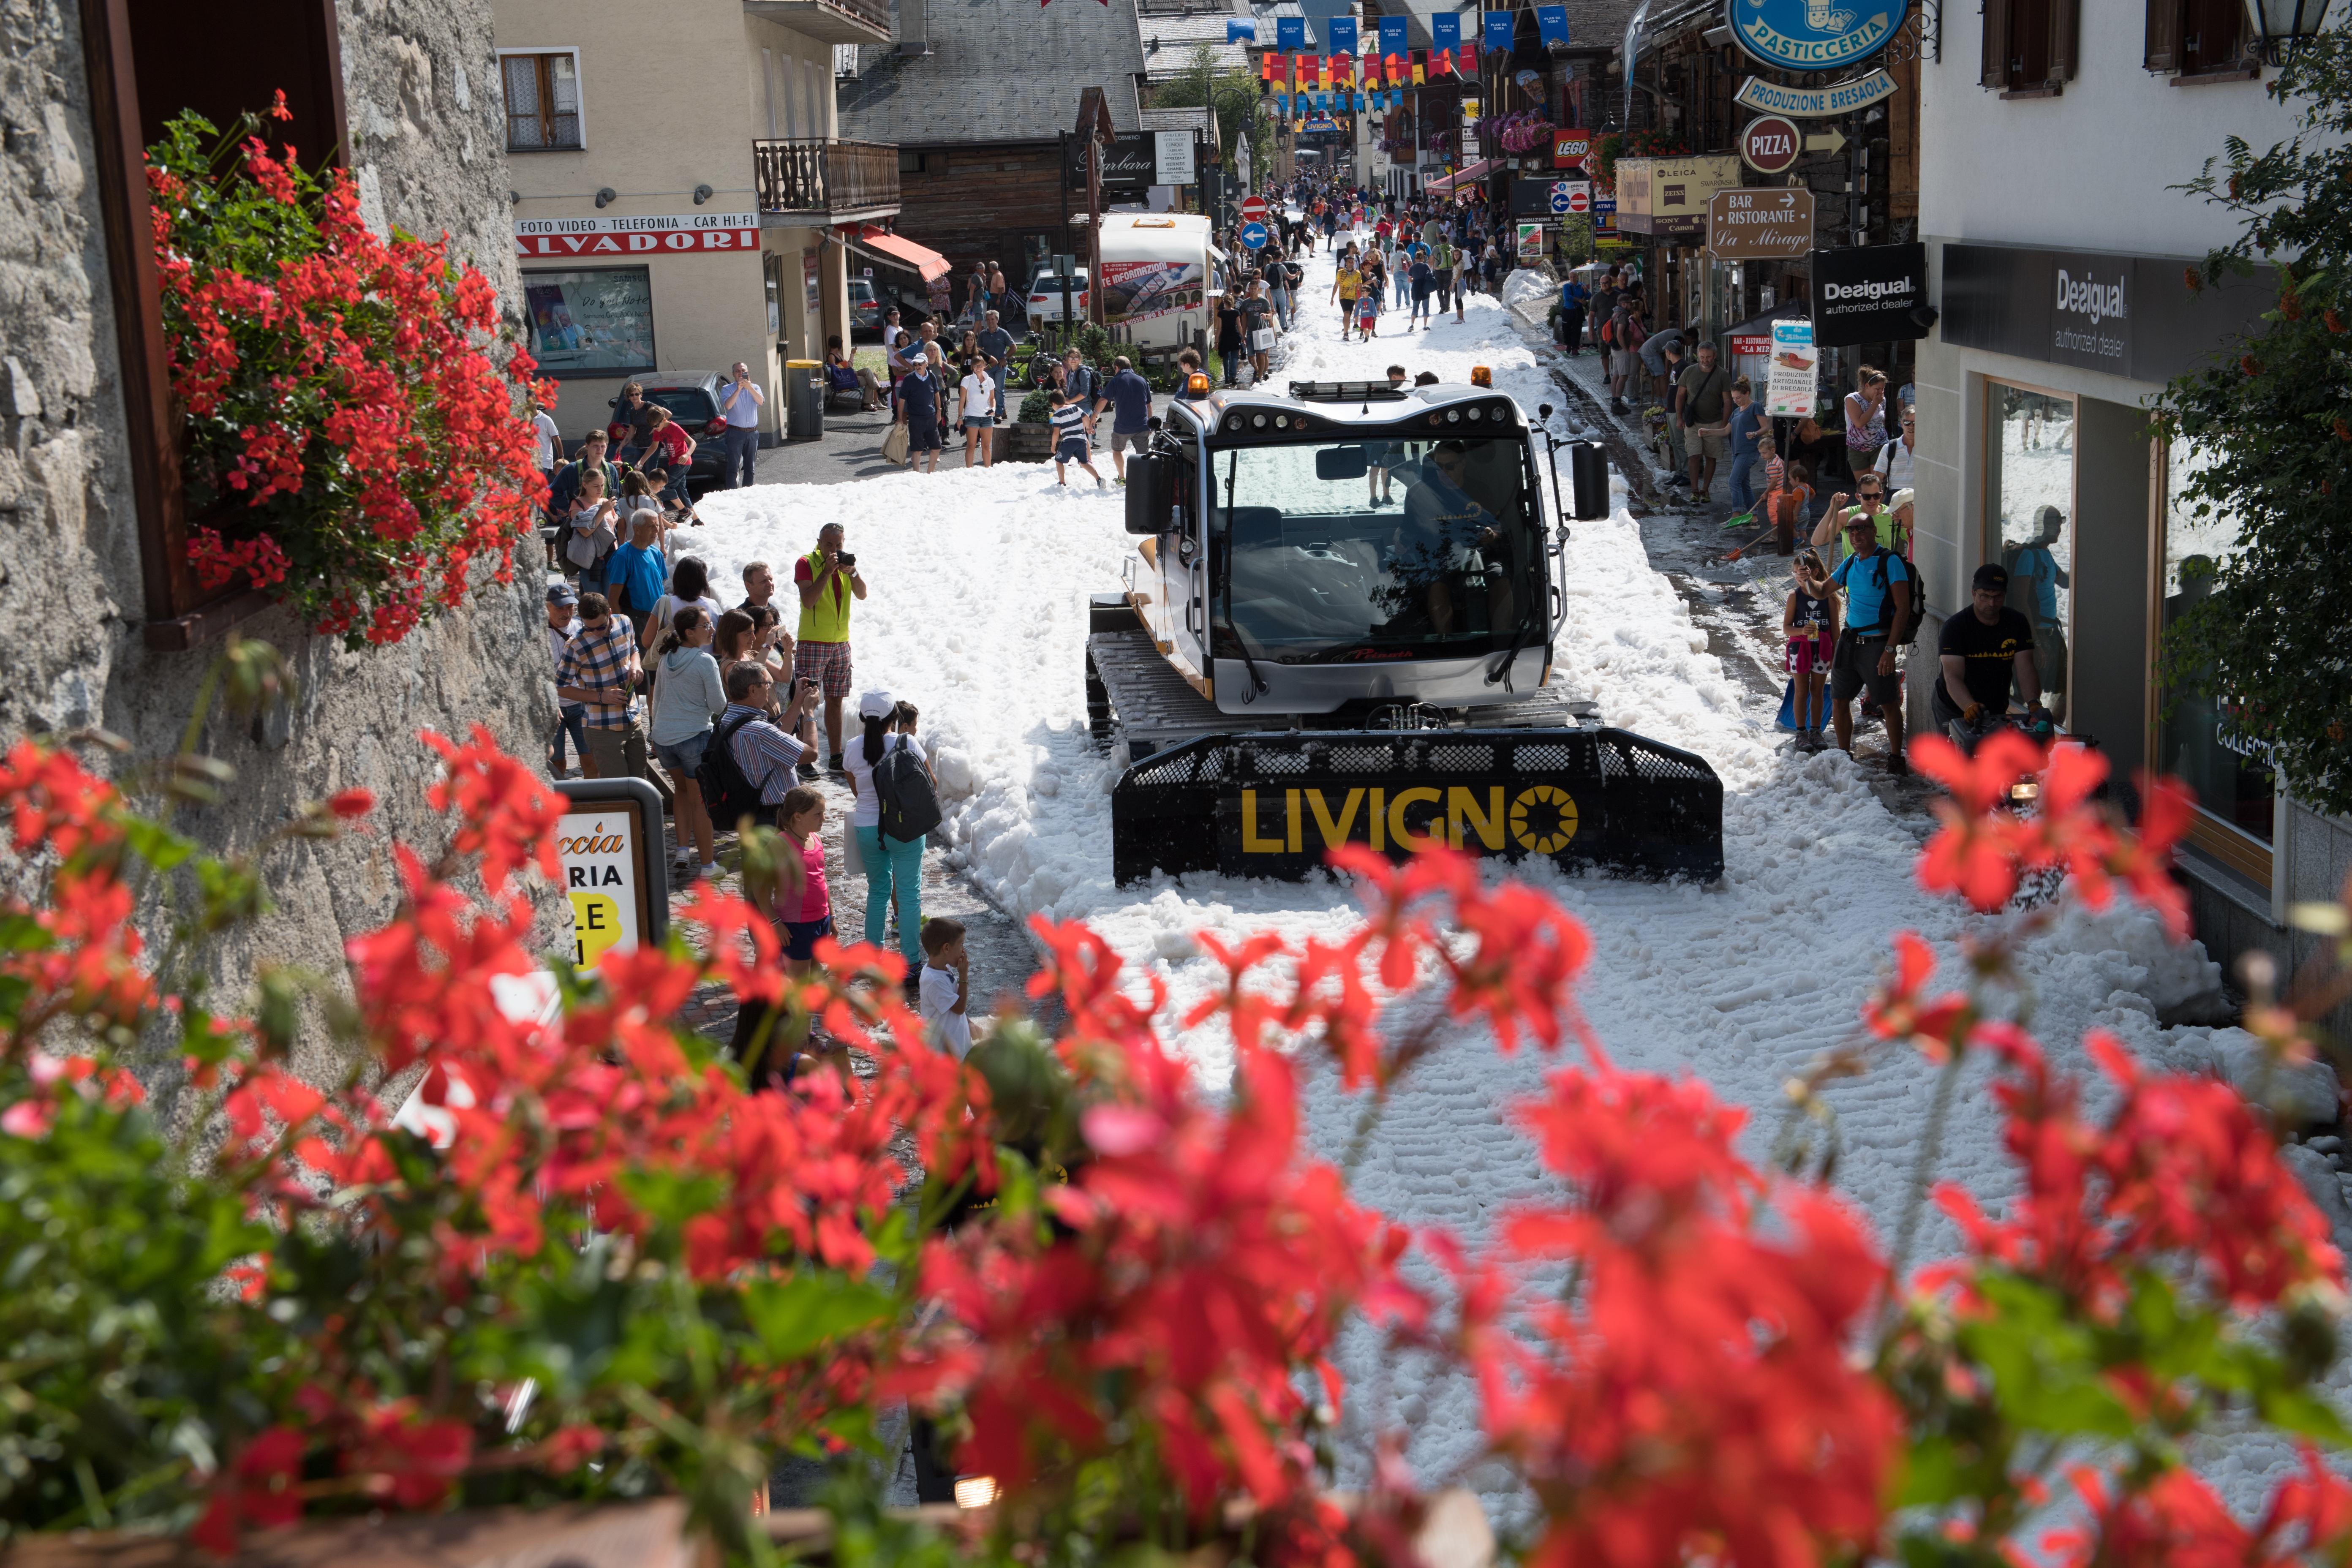 La neve d'estate a Livigno per il Palio delle contrade